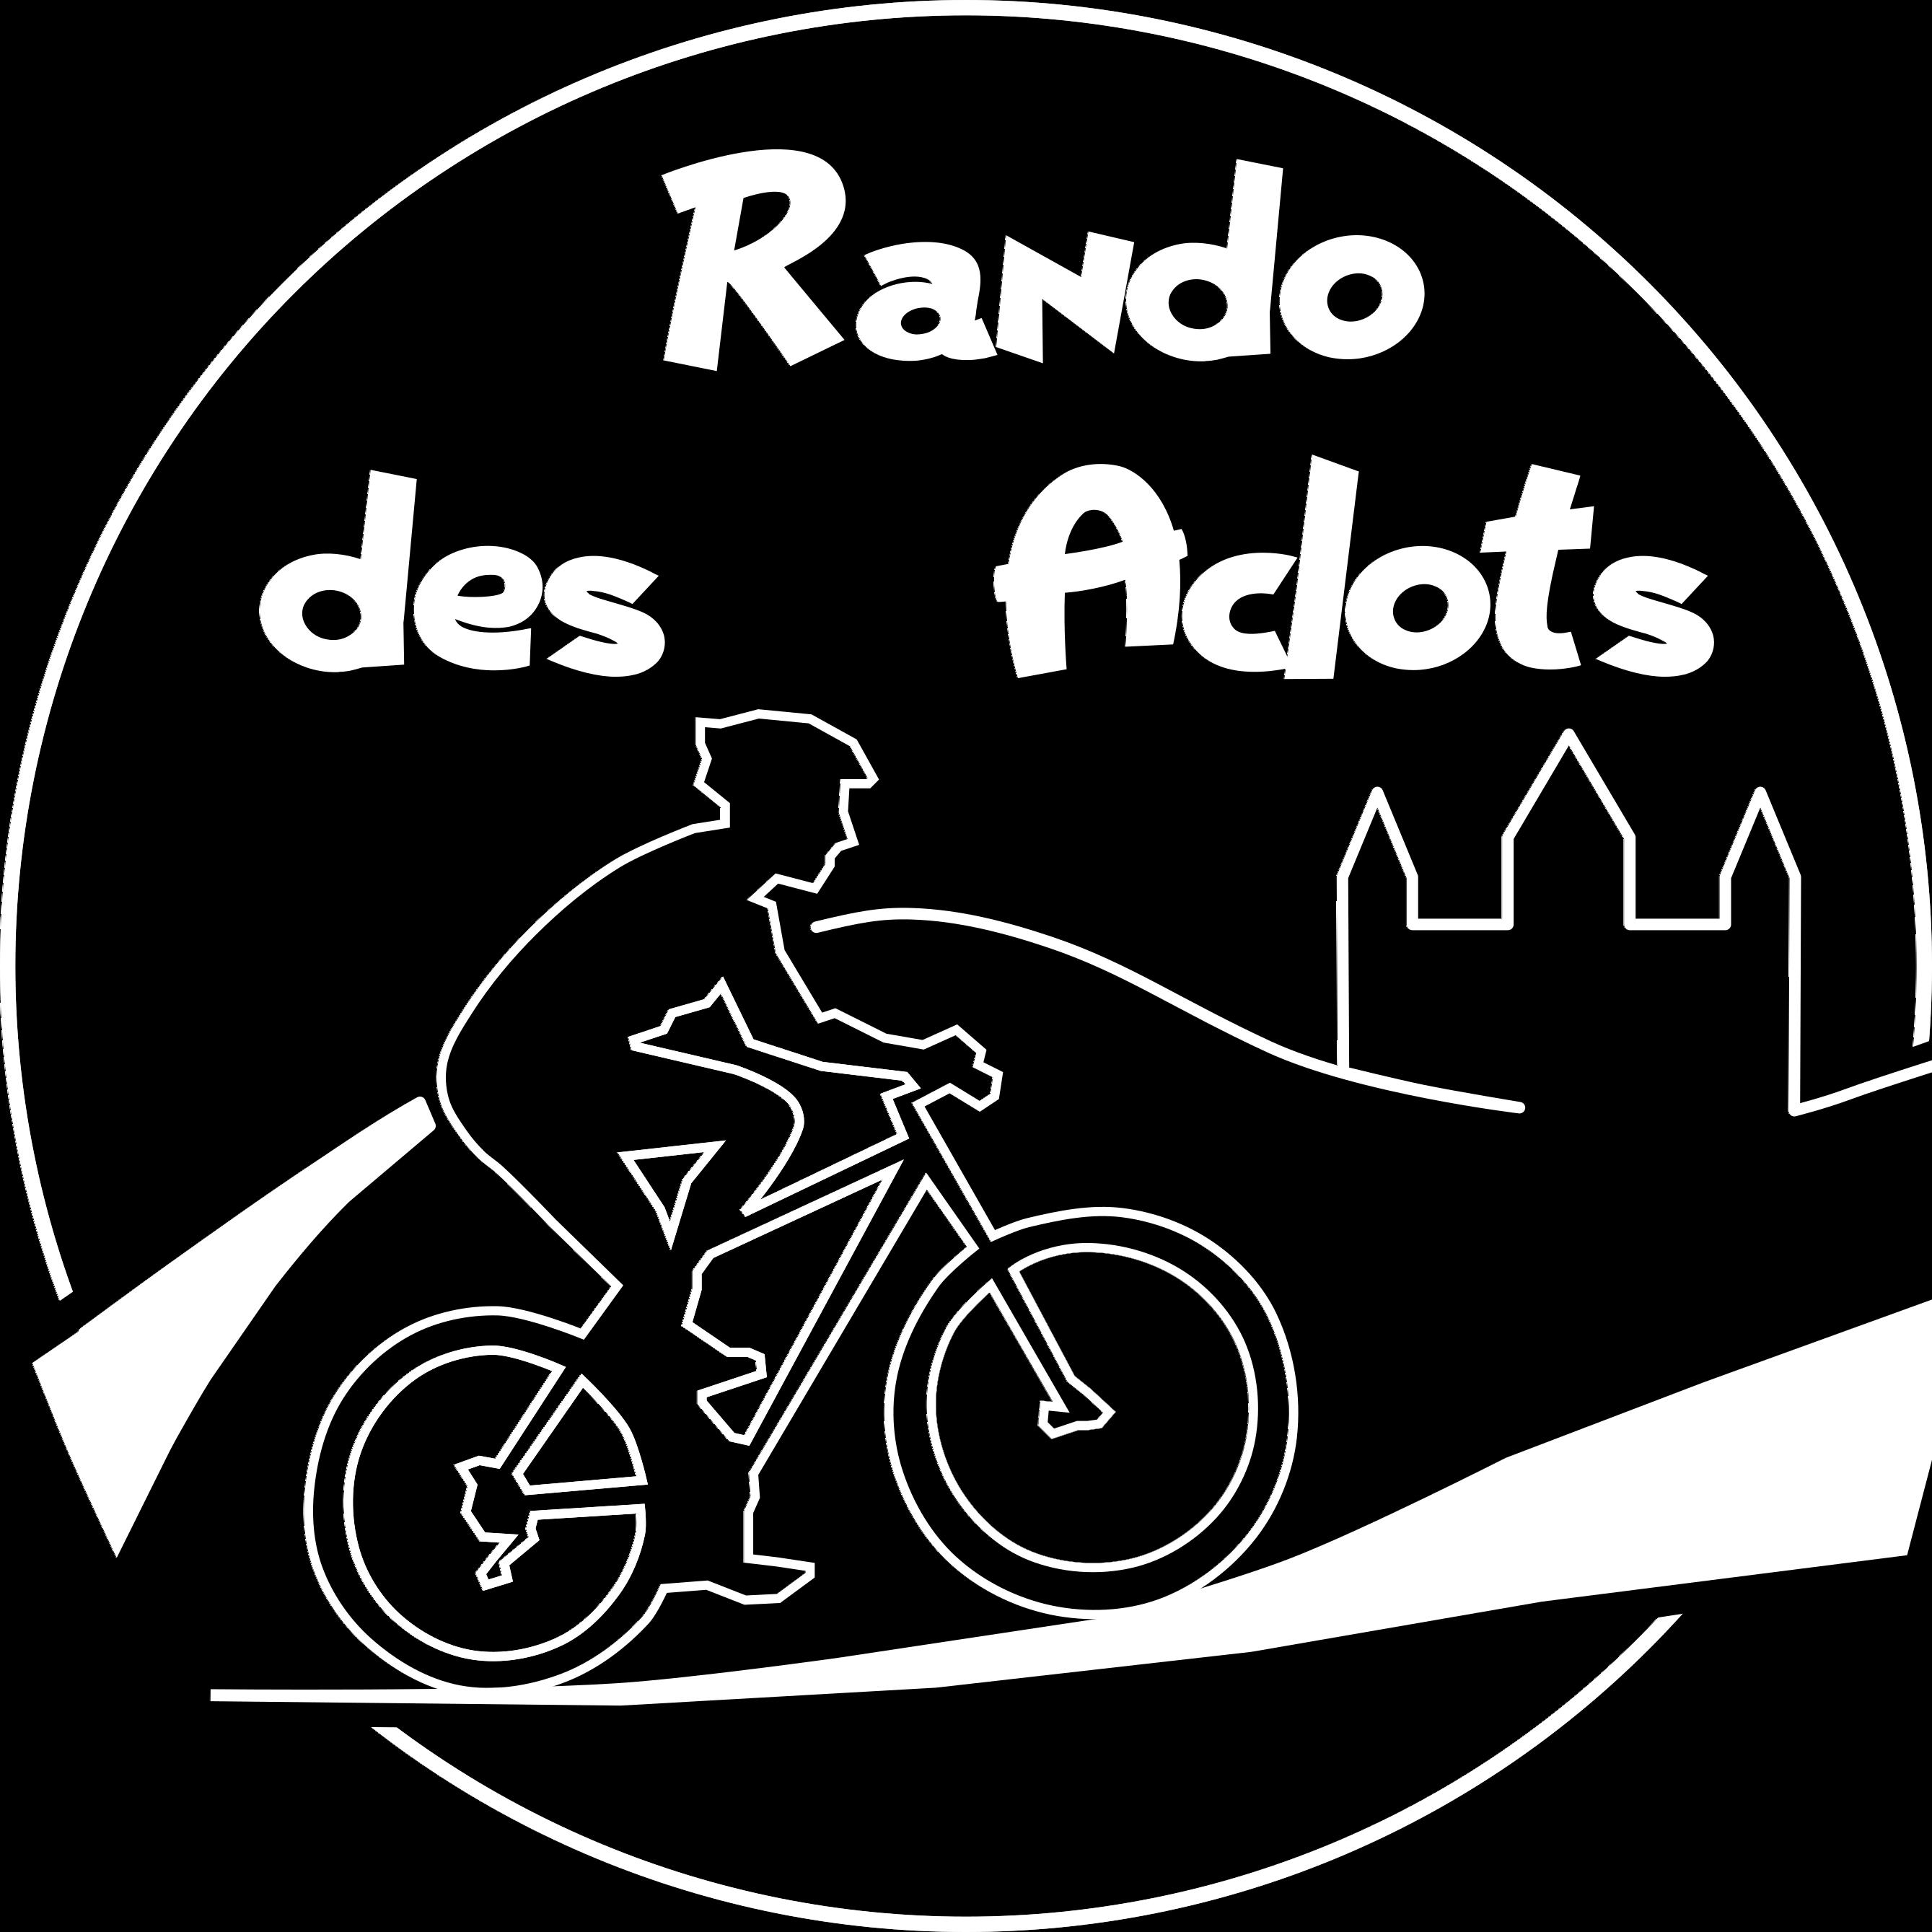 La Rando des Aclots - VTT - 15,30 et 40km